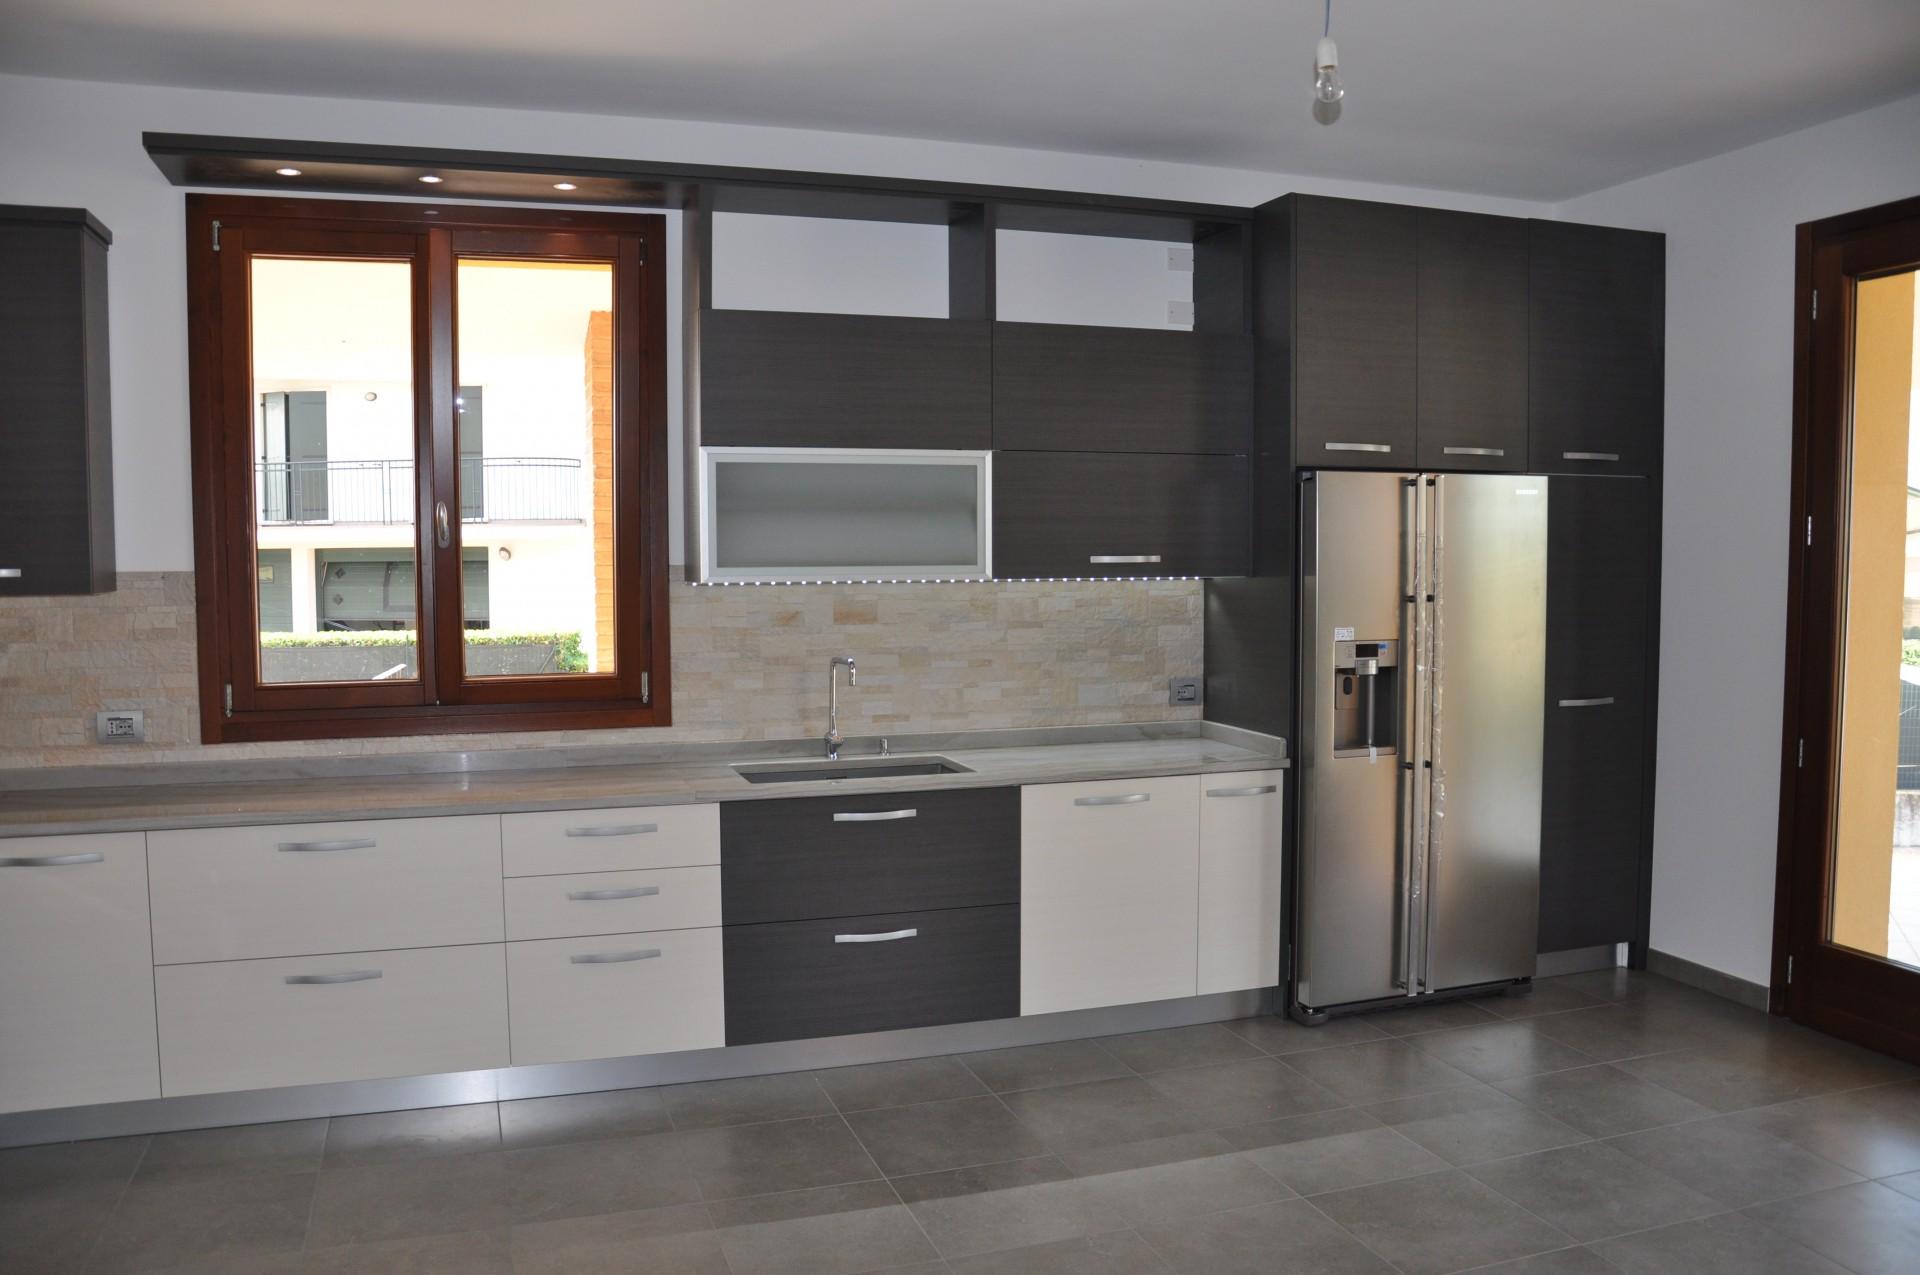 Cucine moderne fadini mobili cerea verona - Cucine belle moderne ...